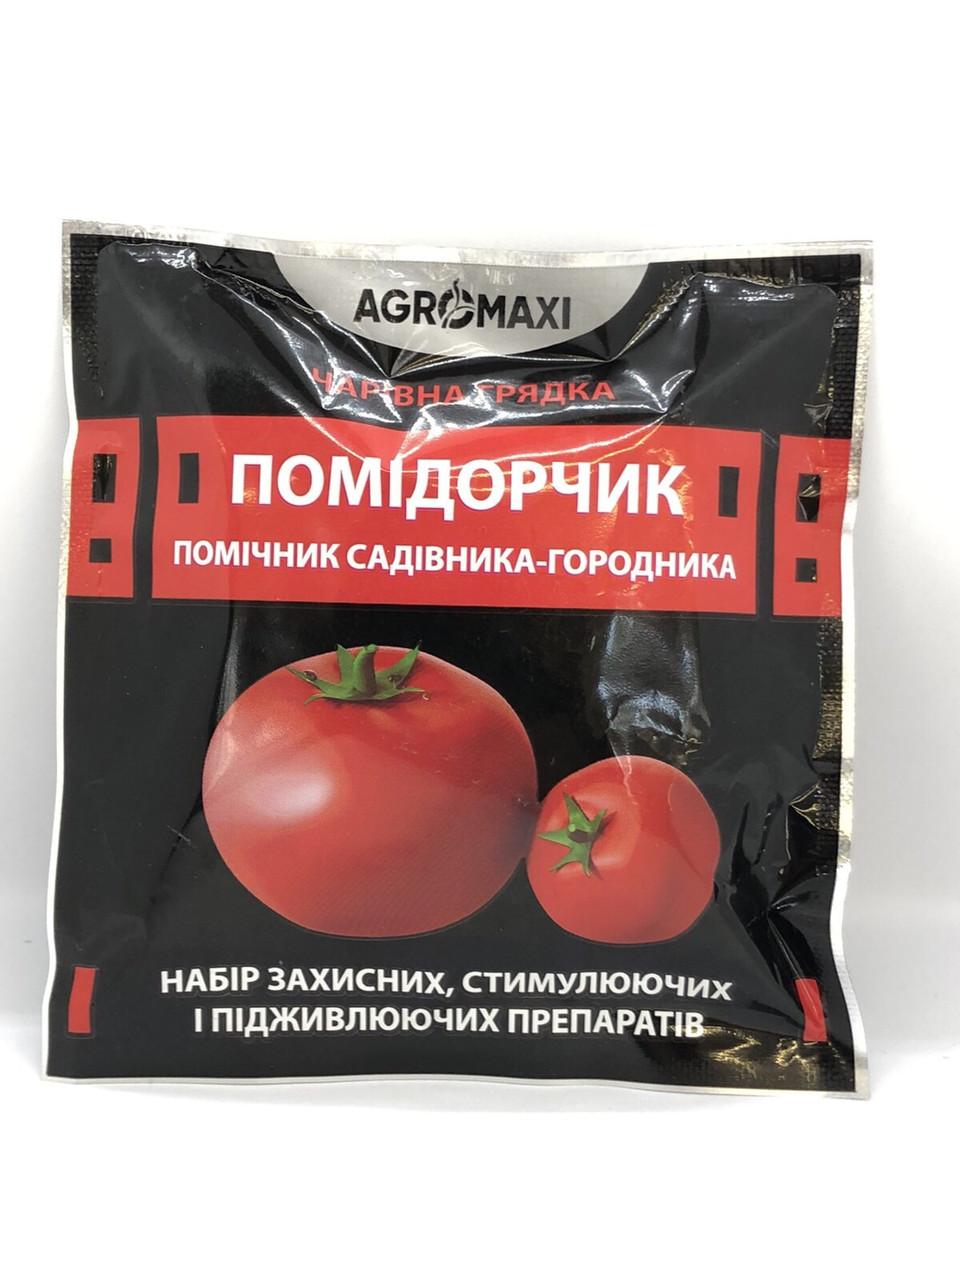 Фунгицид Помидорчик 40 г (лучшая цена купить оптом и в розницу)